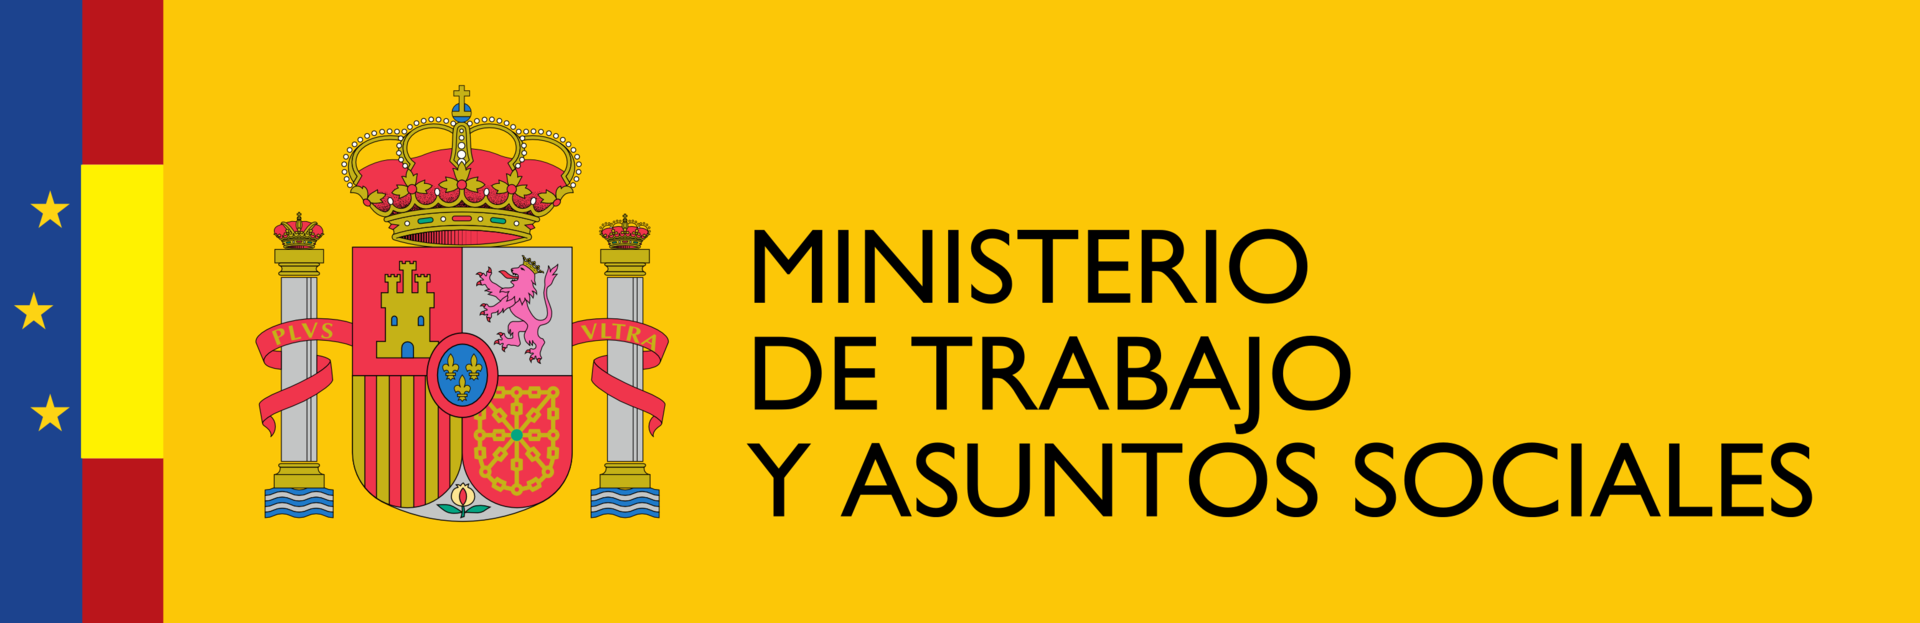 Ministerio de trabajo y asuntos sociales wikipedia la for Oficina de trabajo de la generalitat